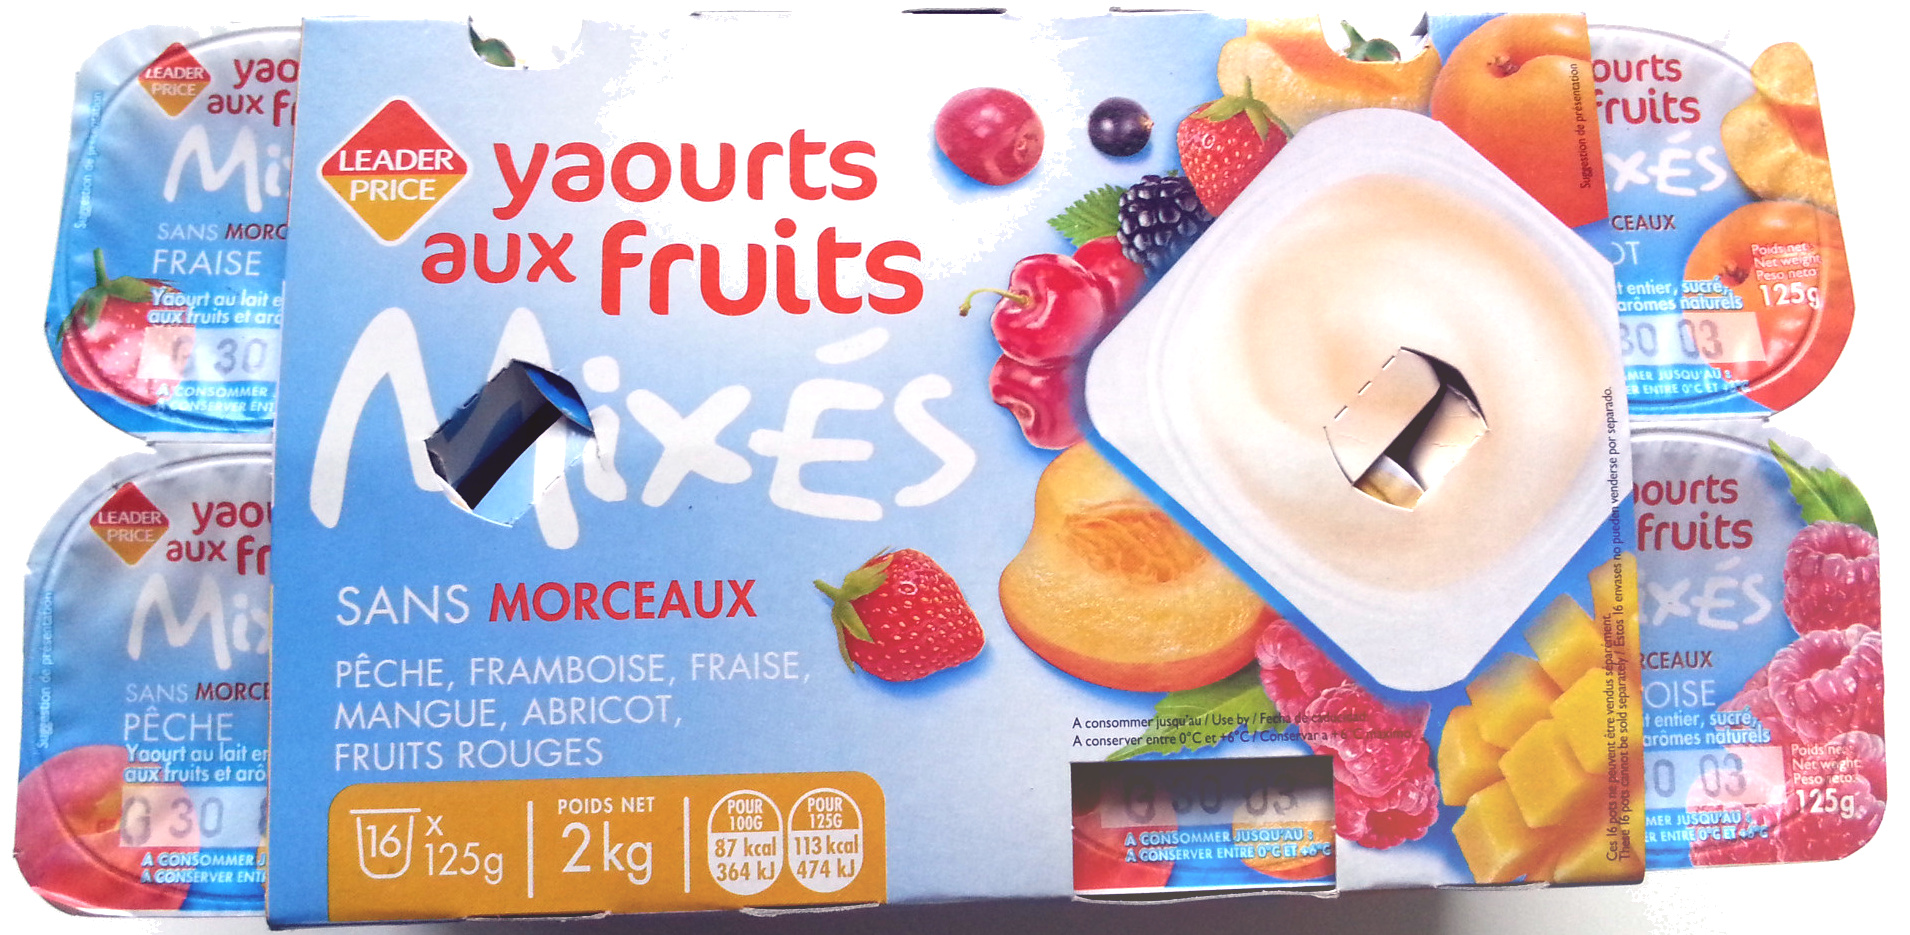 Yaourts aux fruits Mixés - Sans Morceaux - Product - fr